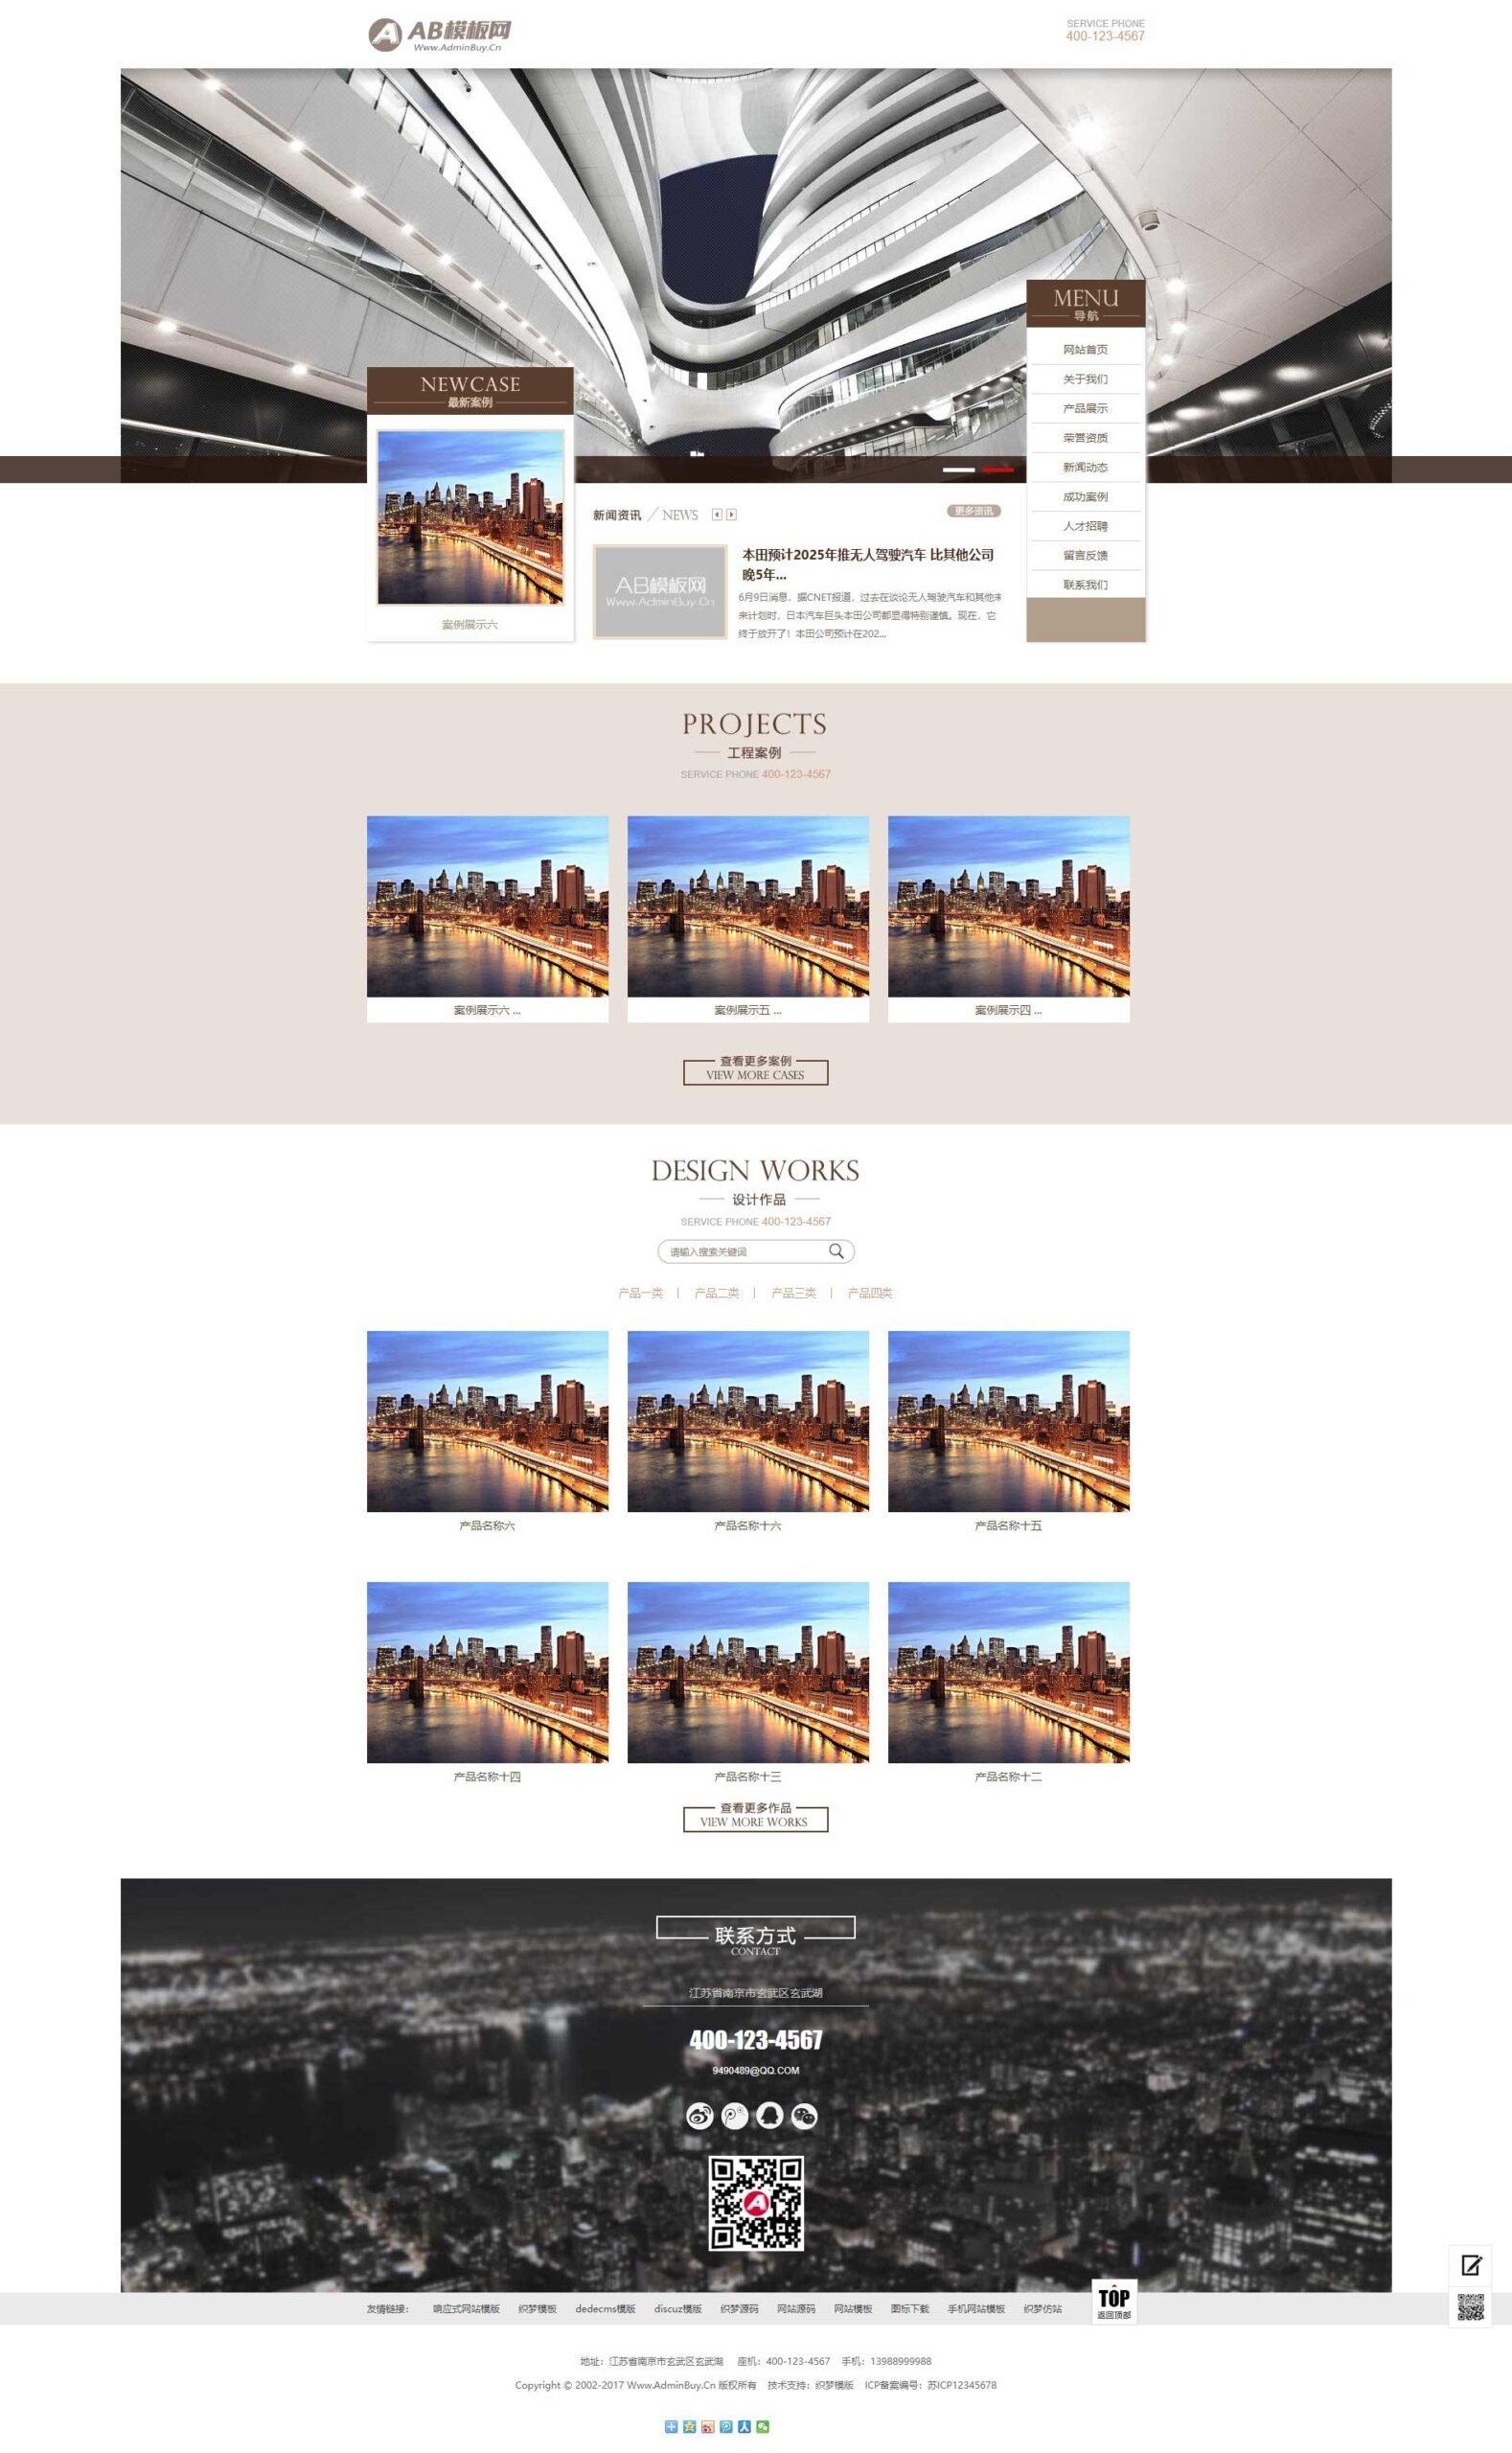 鹤云资源博客-通用企业公司网站织梦dede模板源码[带手机版数据同步]插图